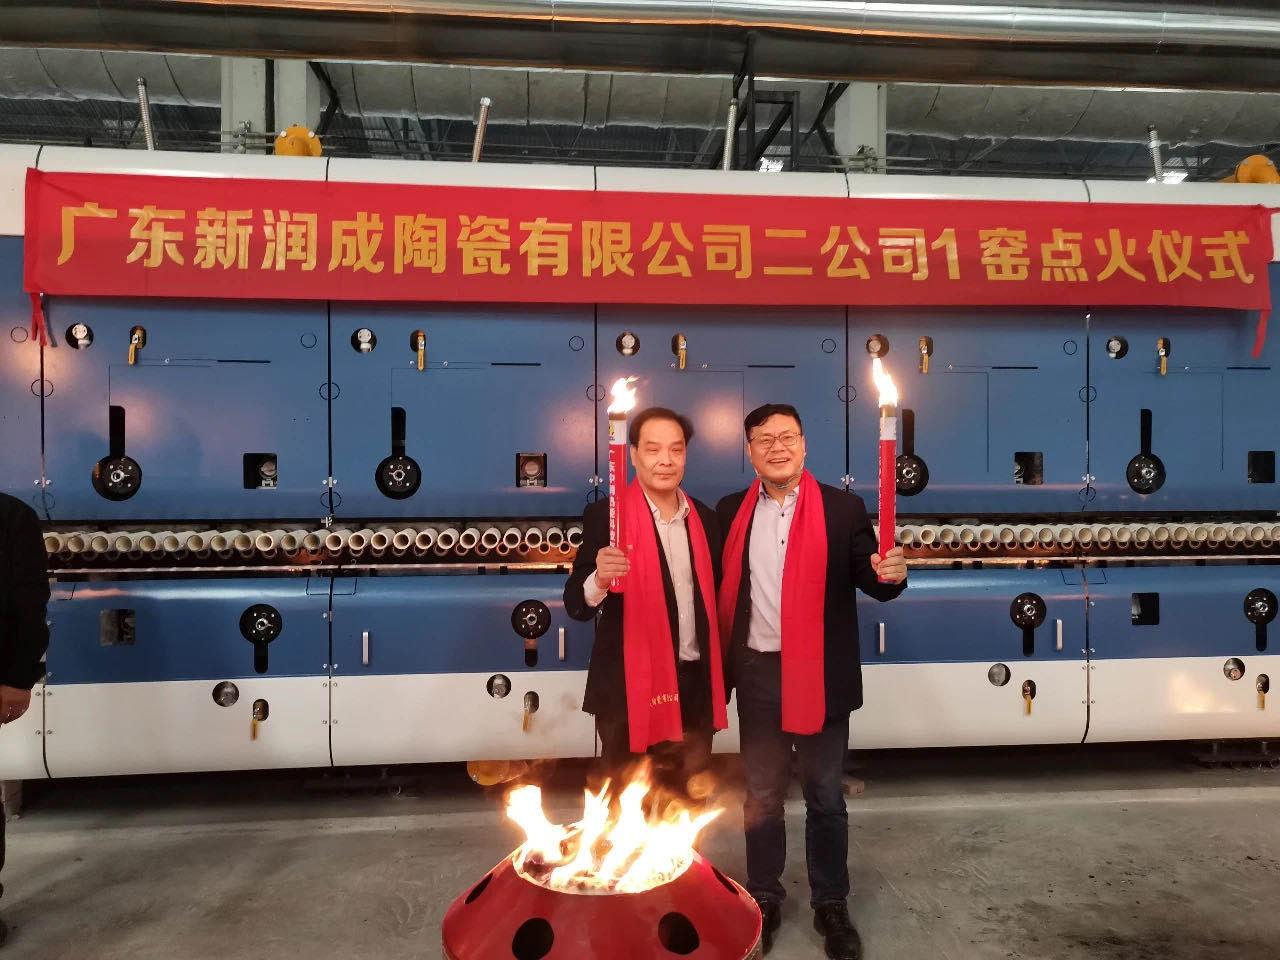 上一篇:严选创变·硬核生产丨新润成瓷砖崇北基地全新3#窑顺利点火!